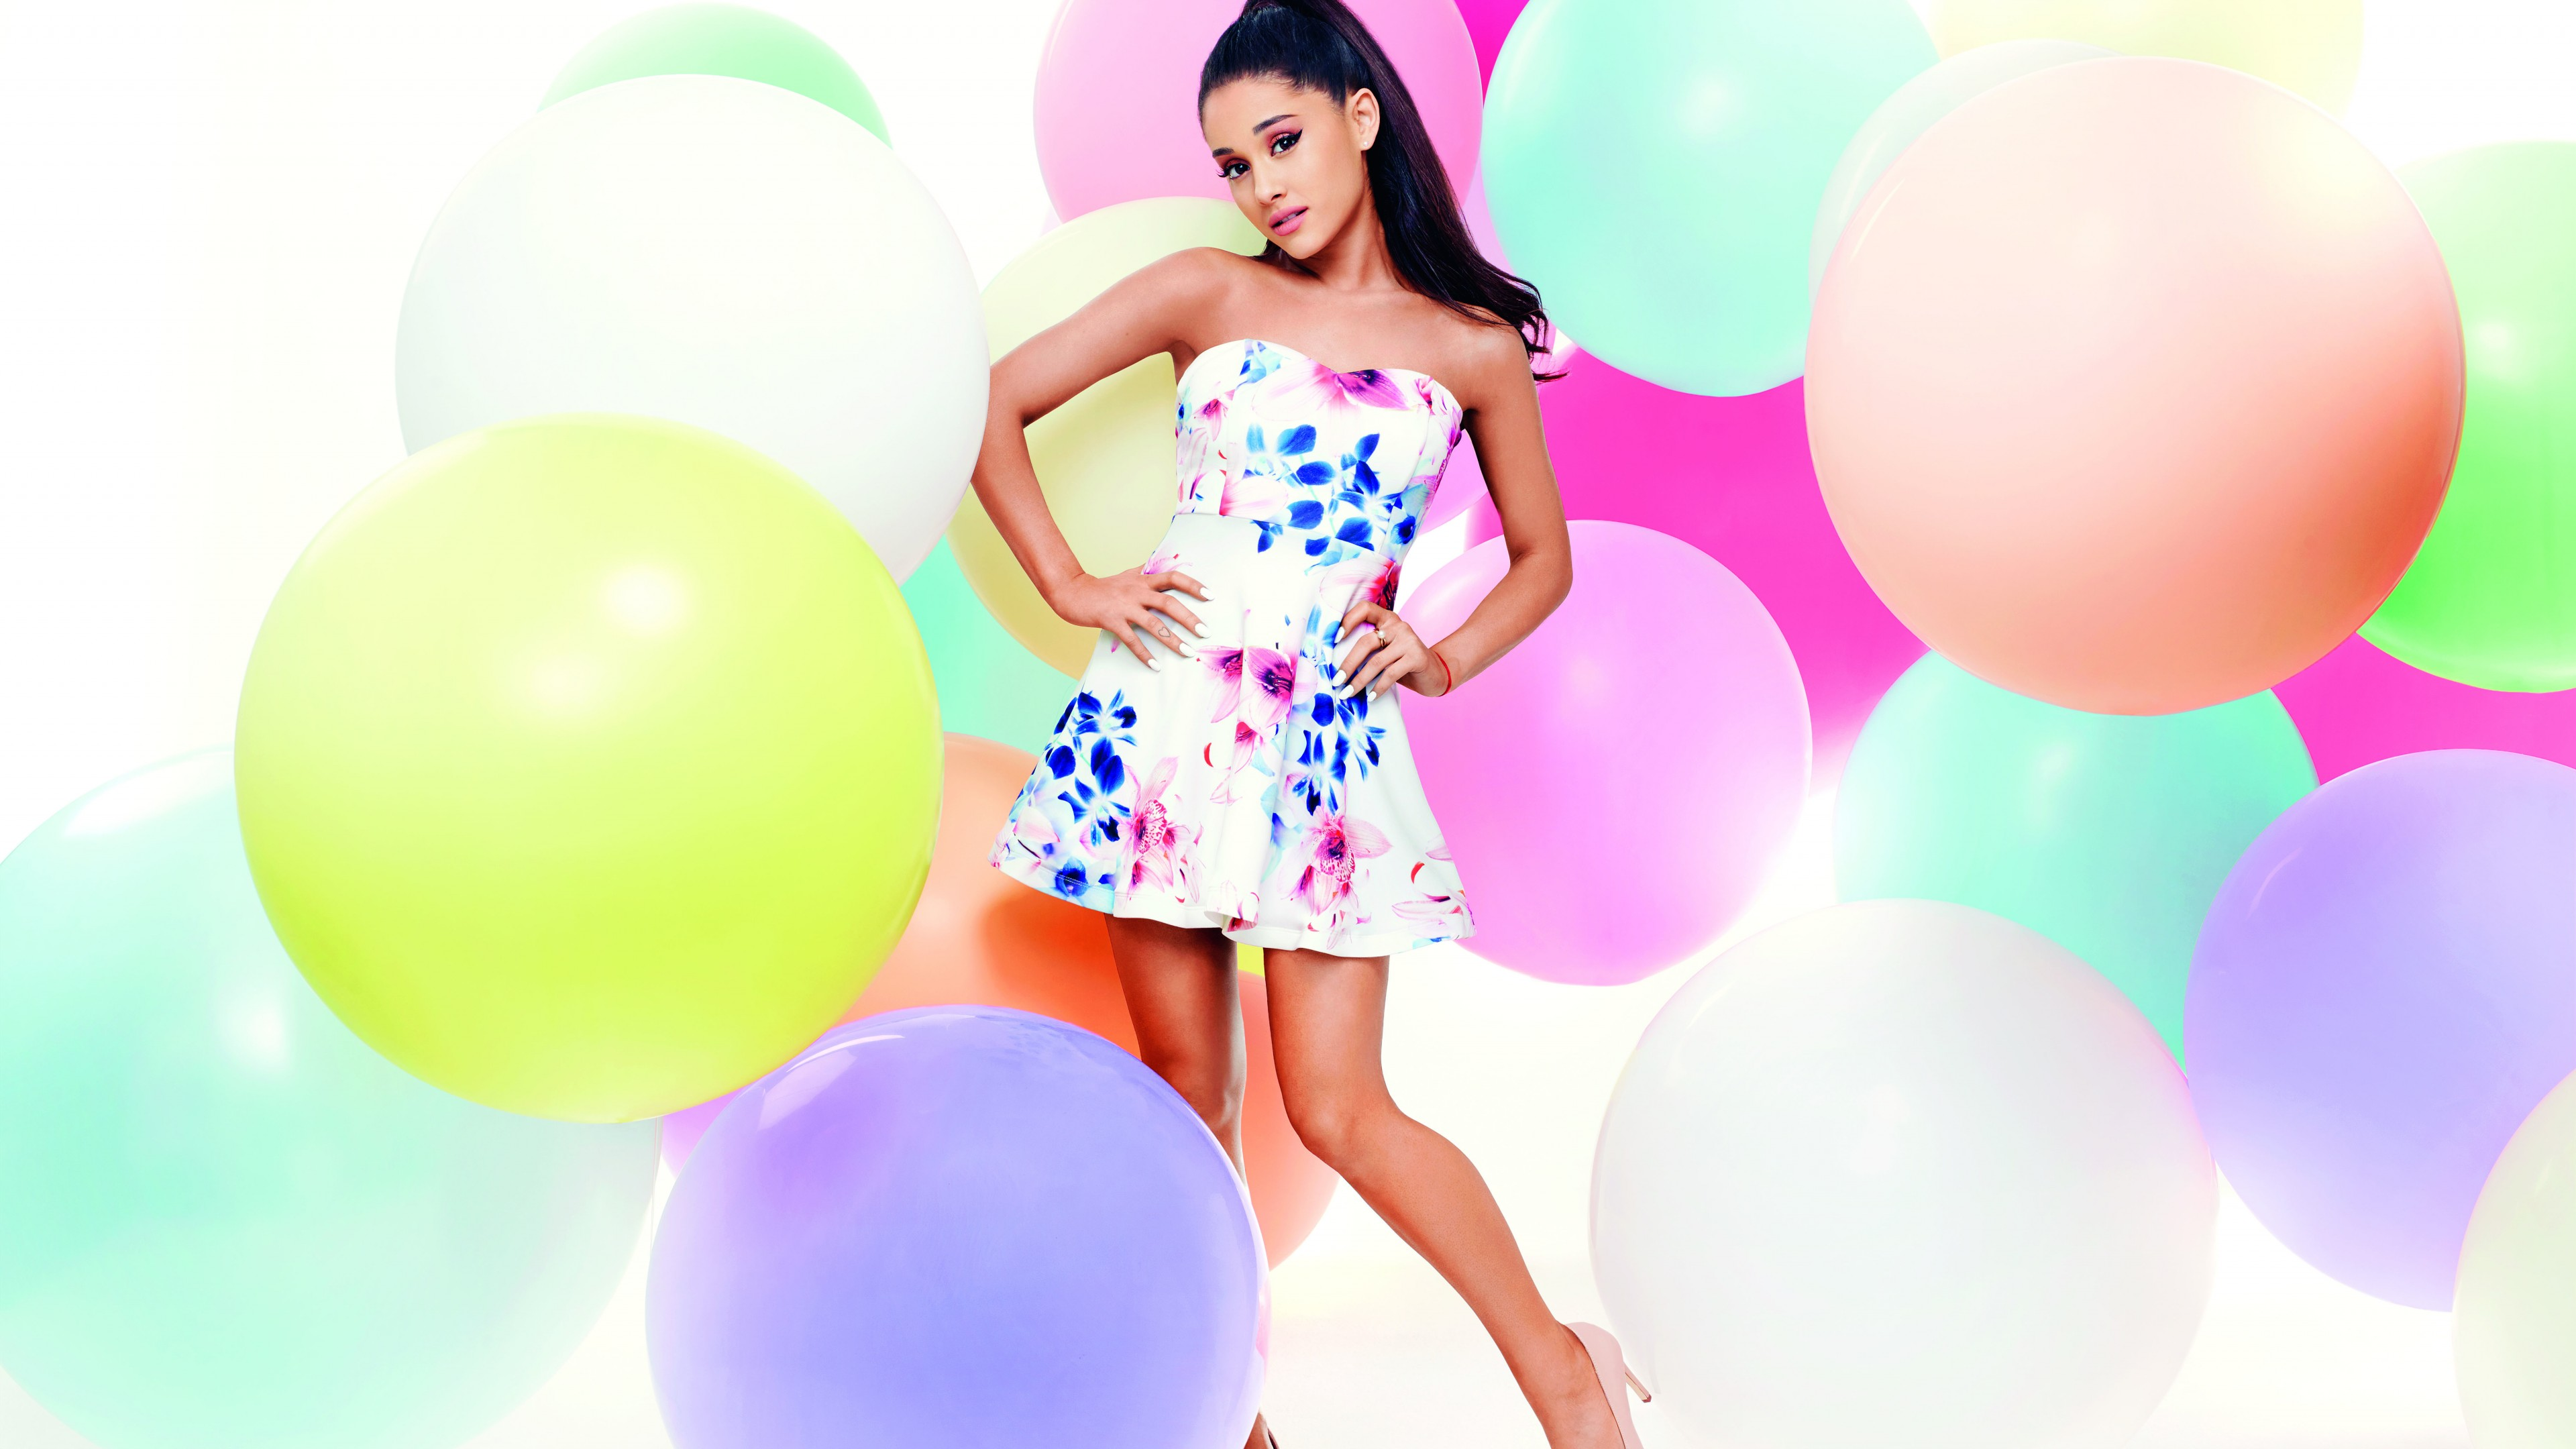 Девушка на фоне разноцветных шаров